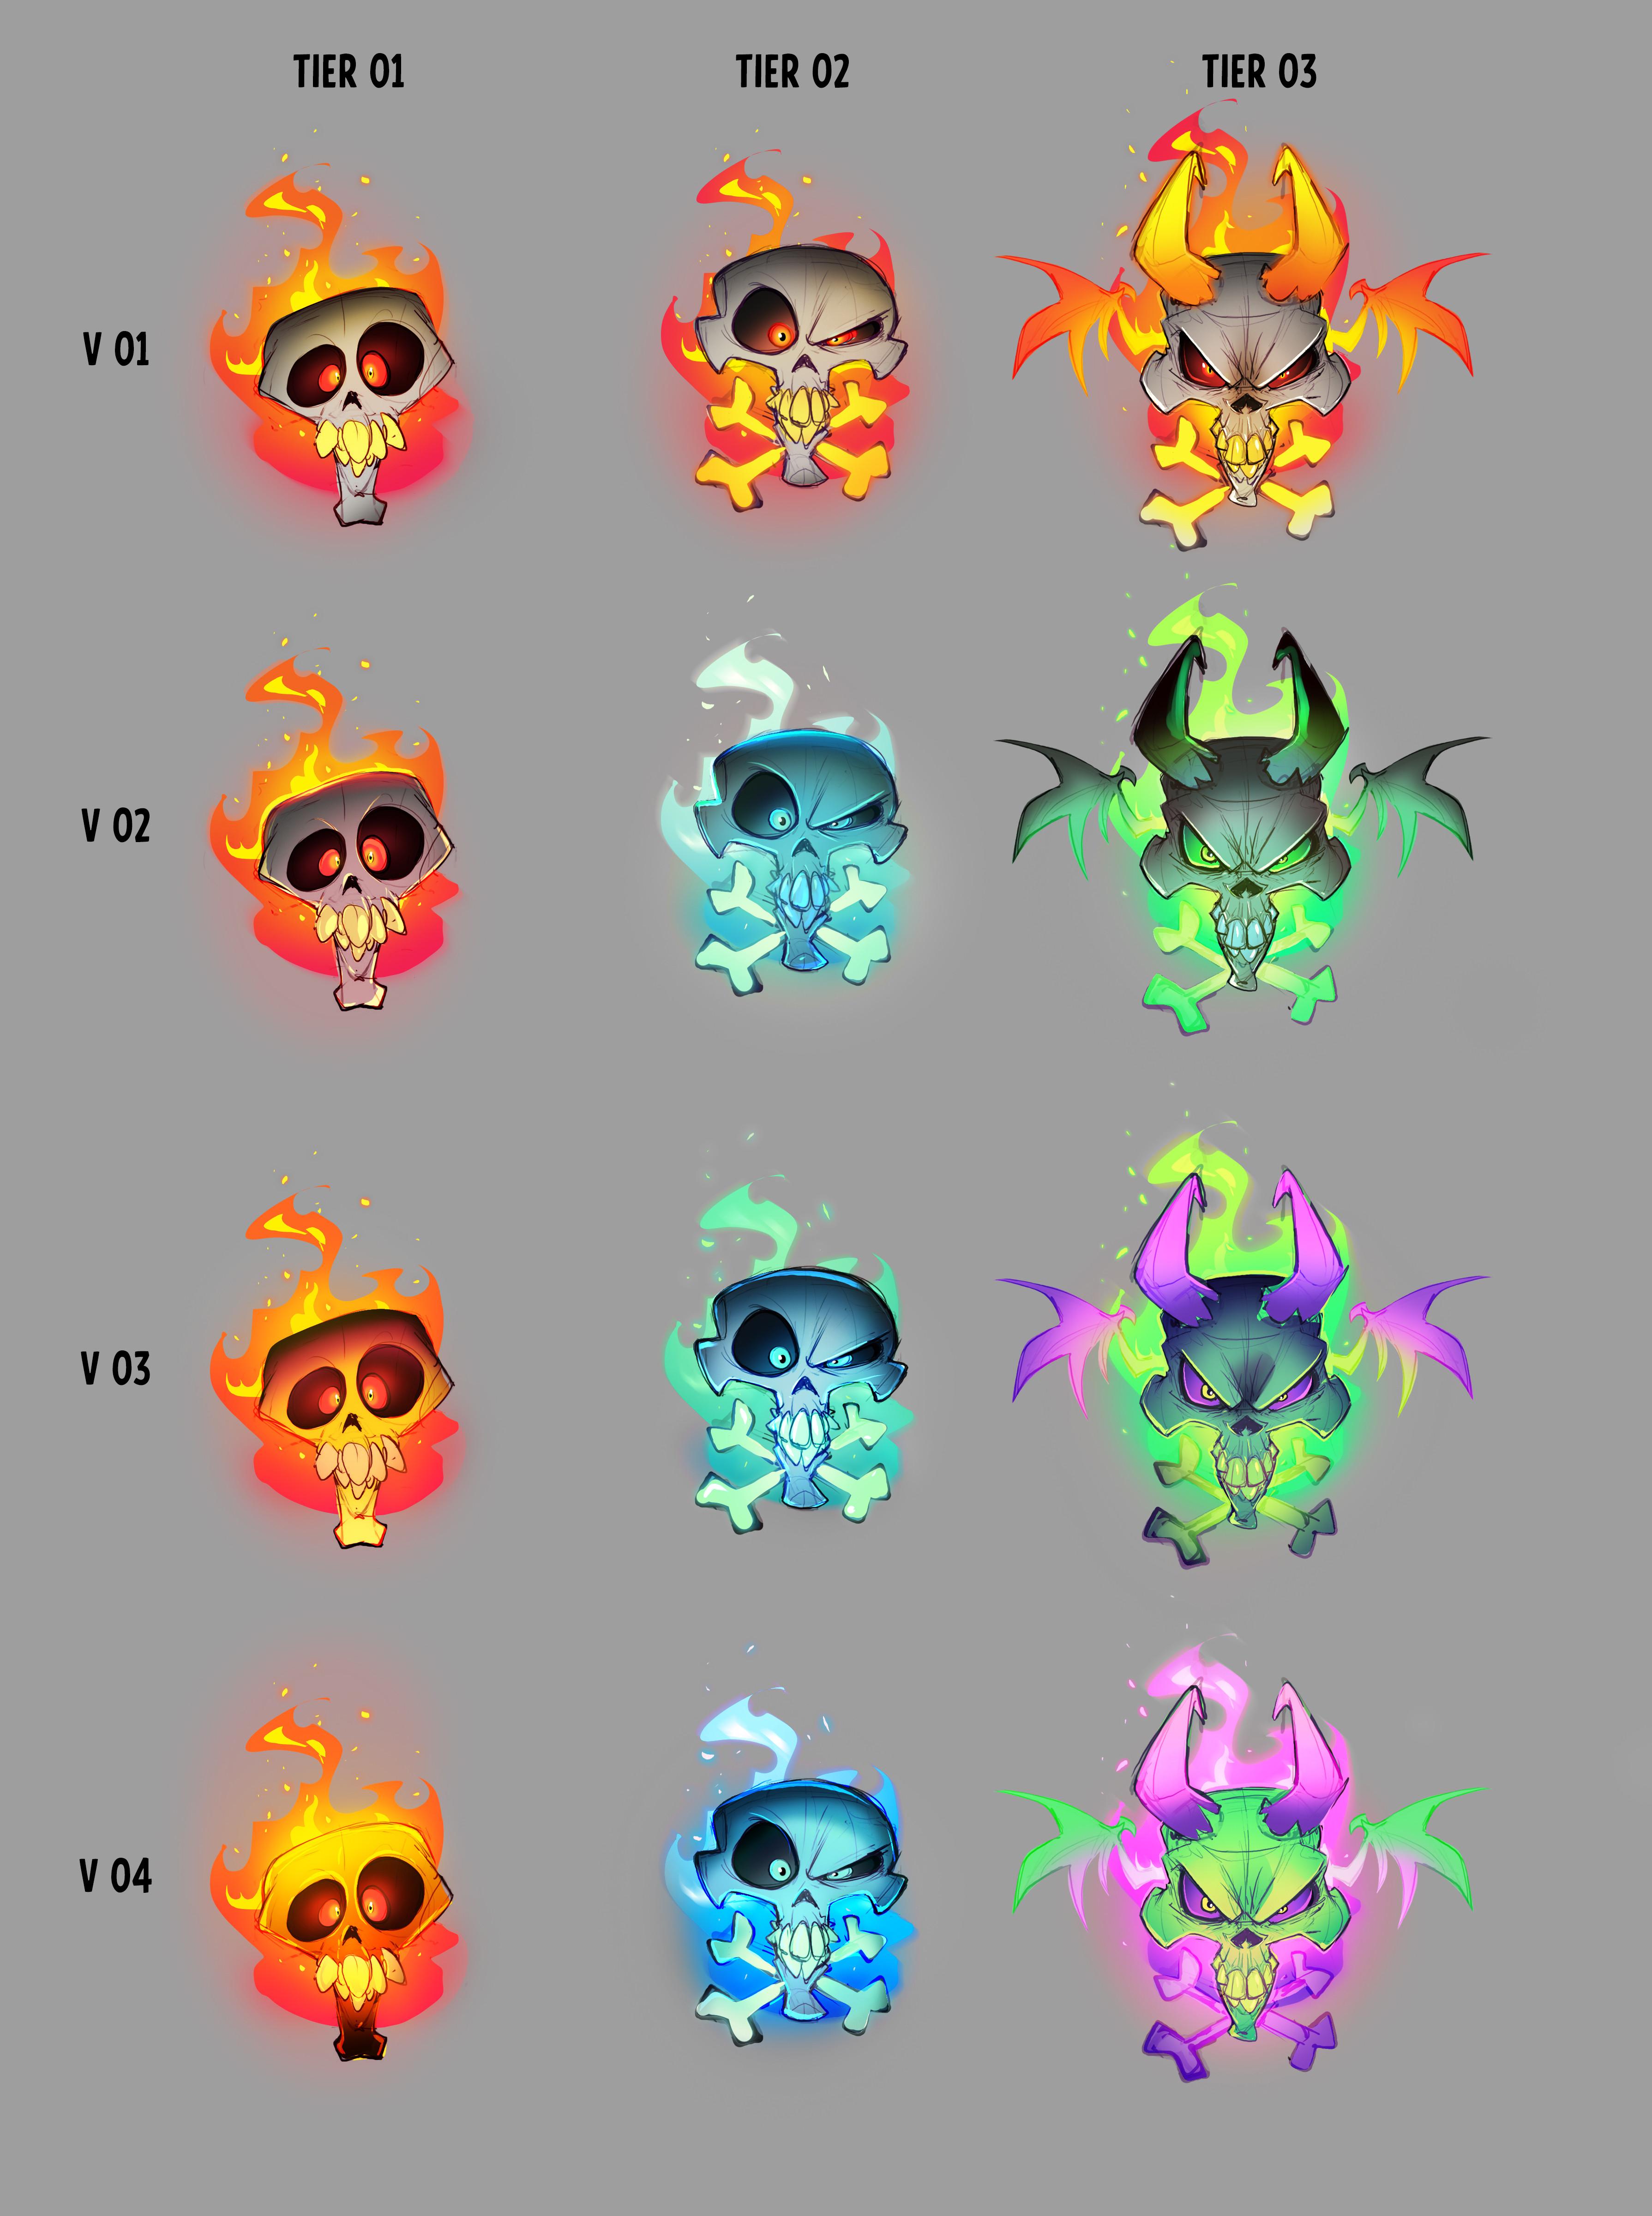 Crash 4 concept development: Icon development concepts.